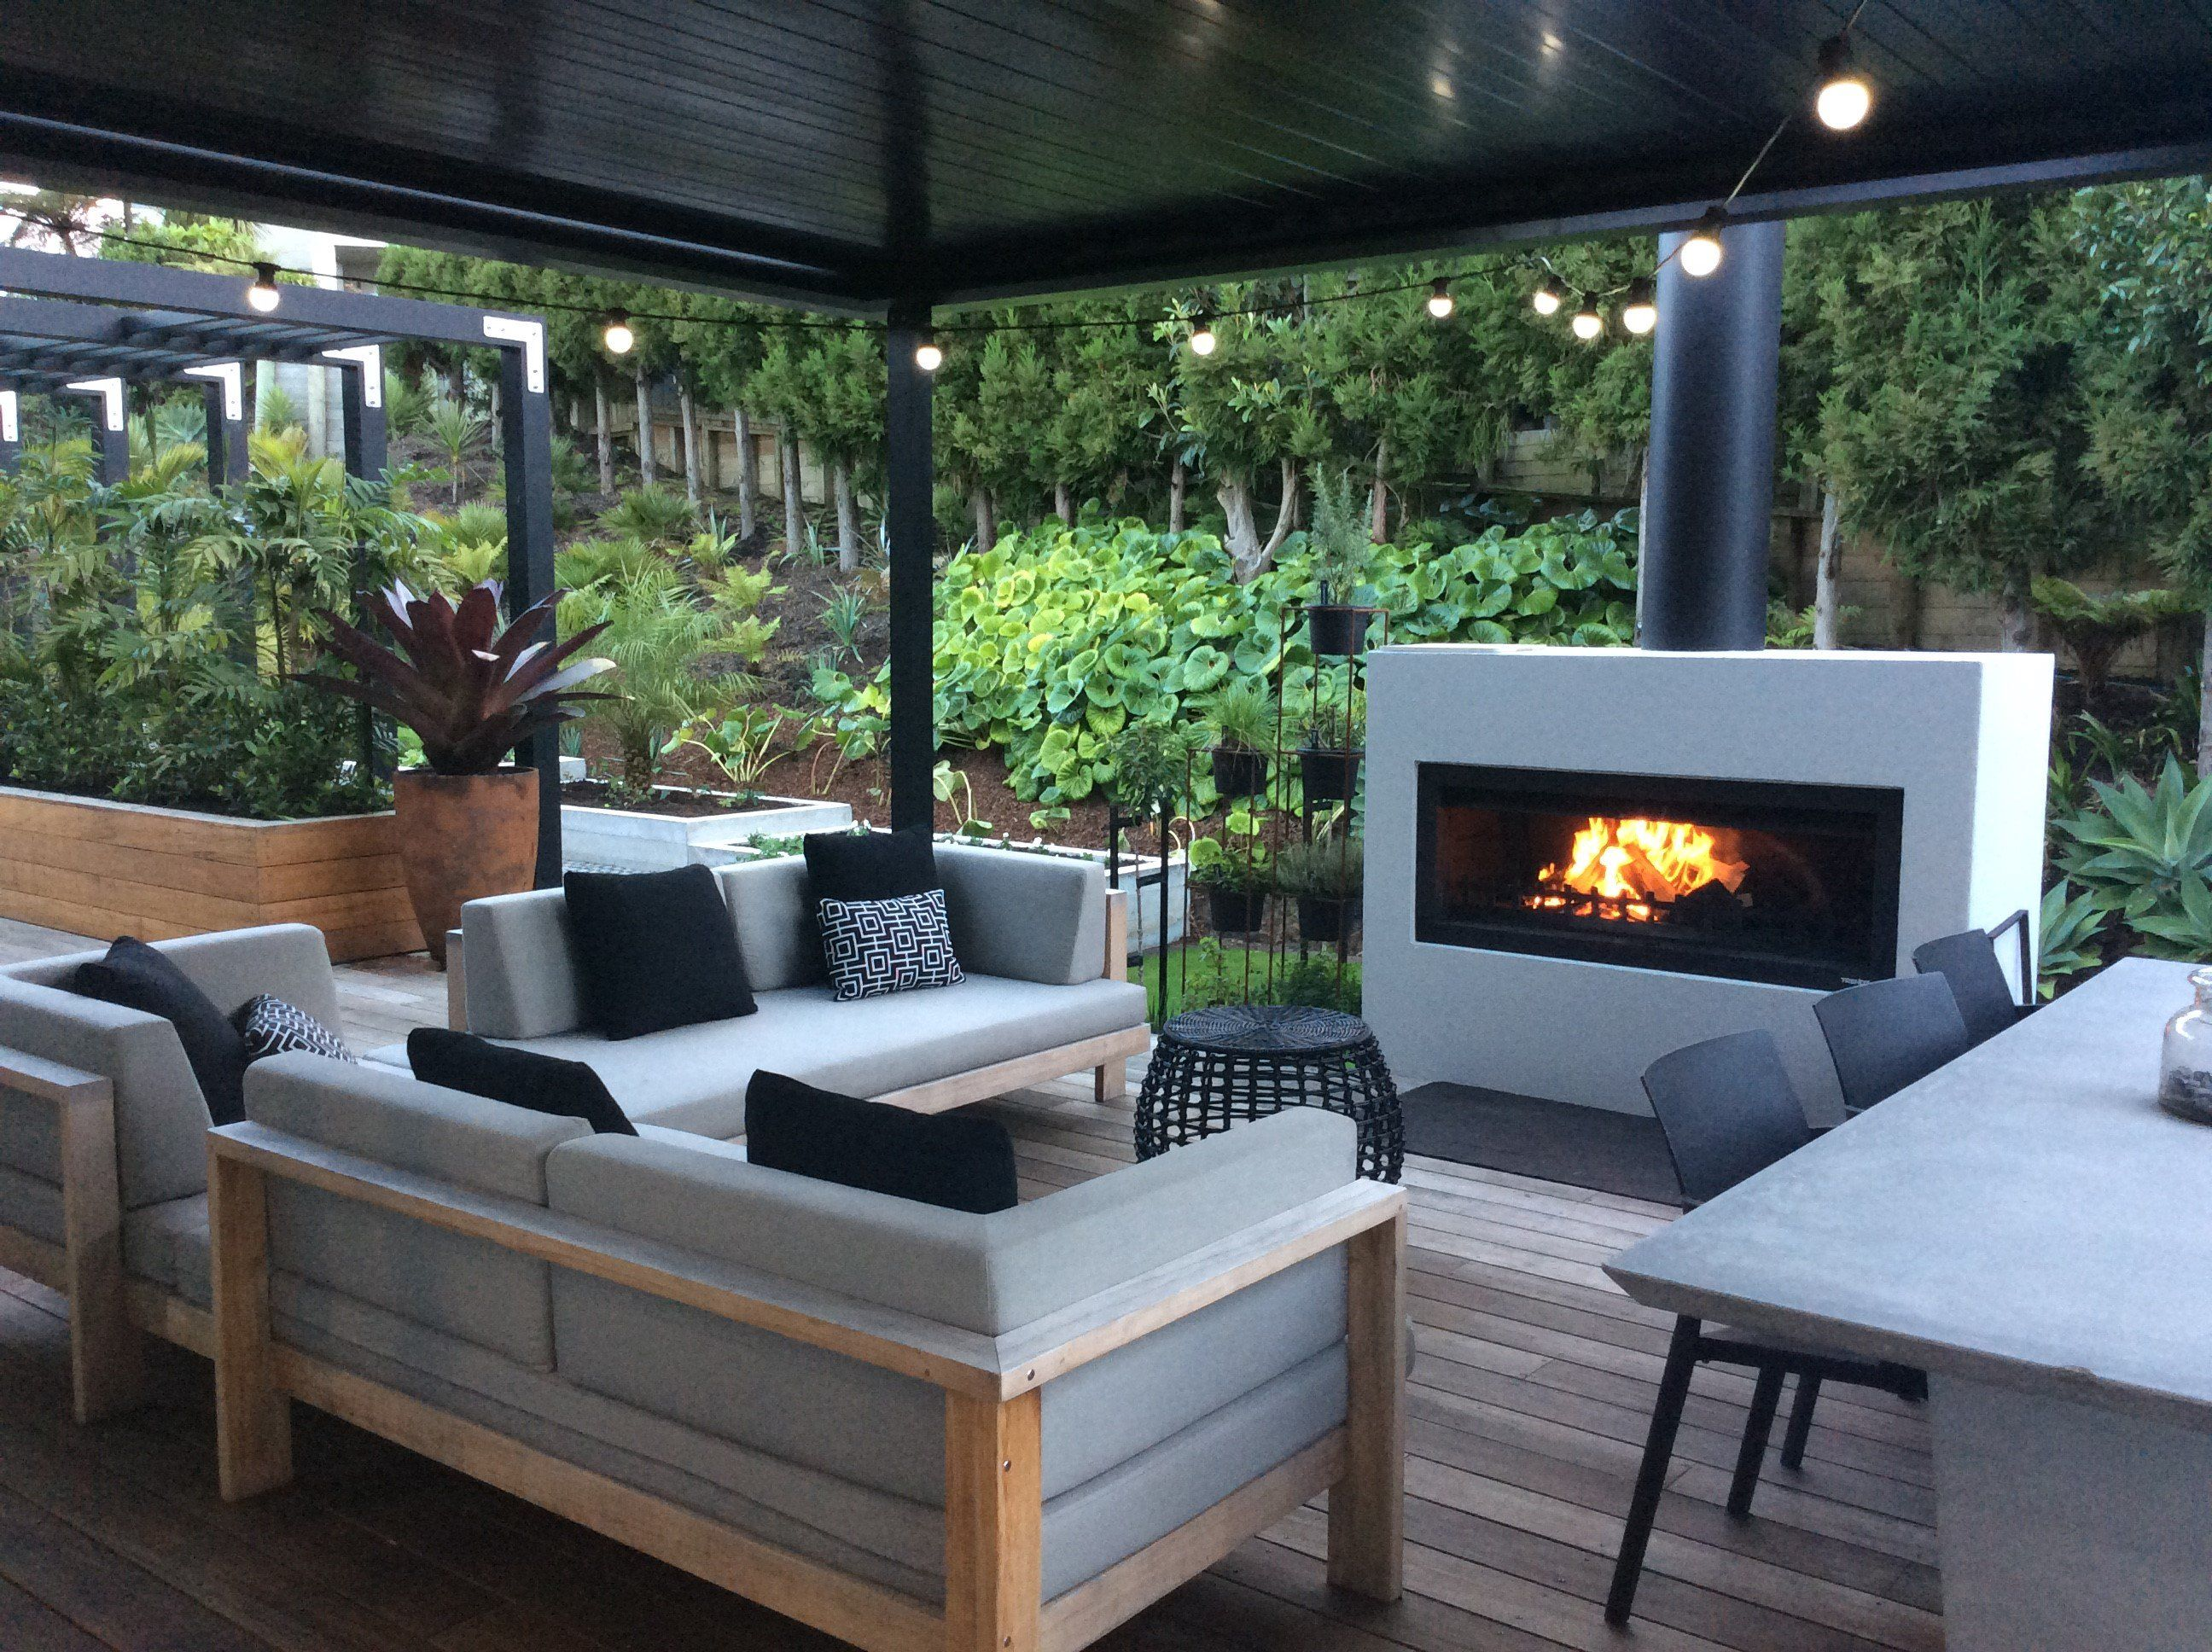 Trendz Outdoor Fireplace Nz Outdoor Fireplace Patio Modern Outdoor Fireplace Outdoor Fireplace Kits